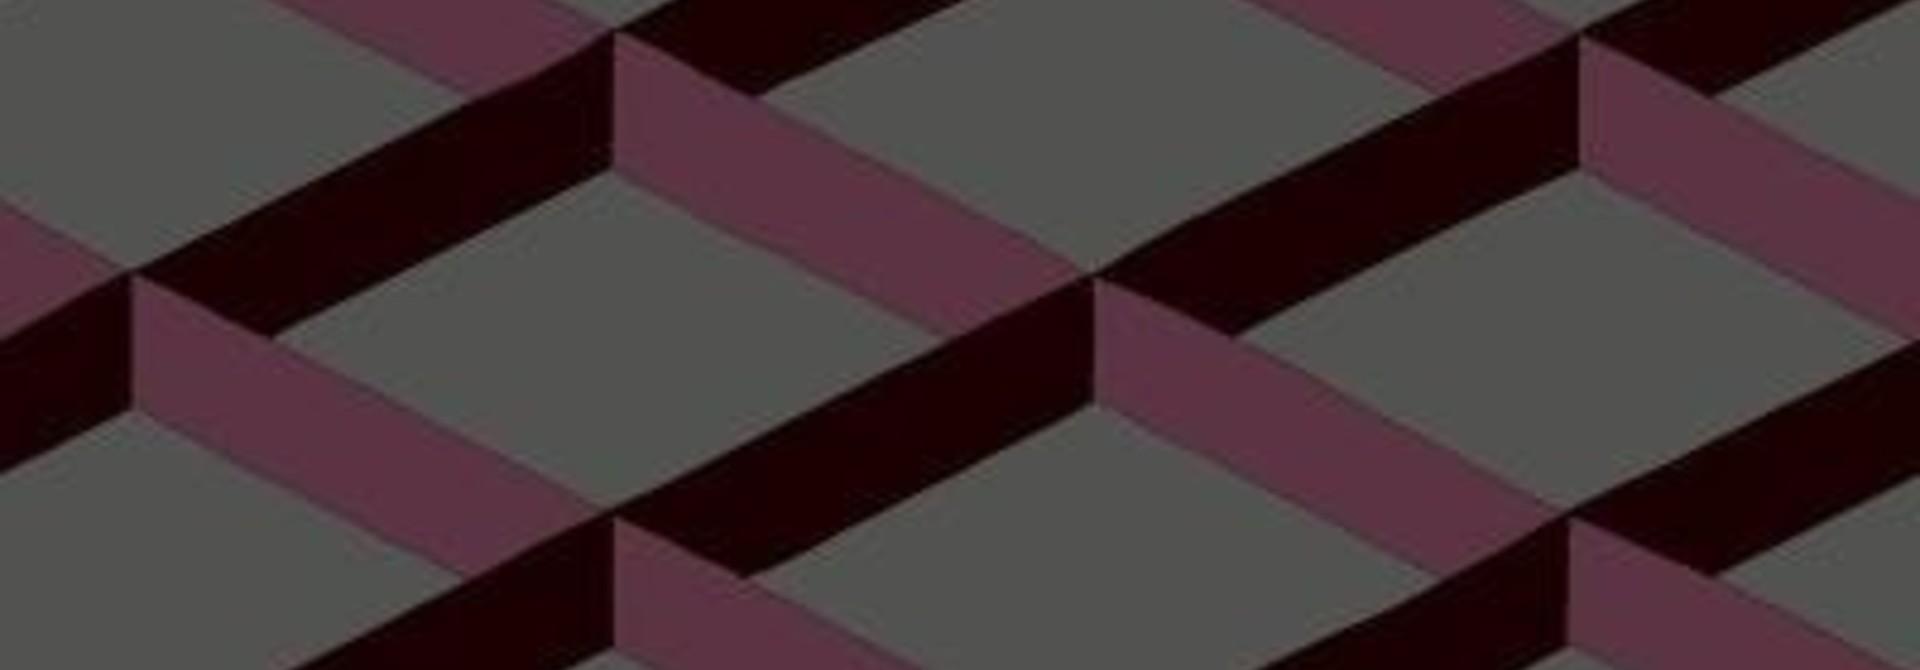 Behang  5054 Ceder